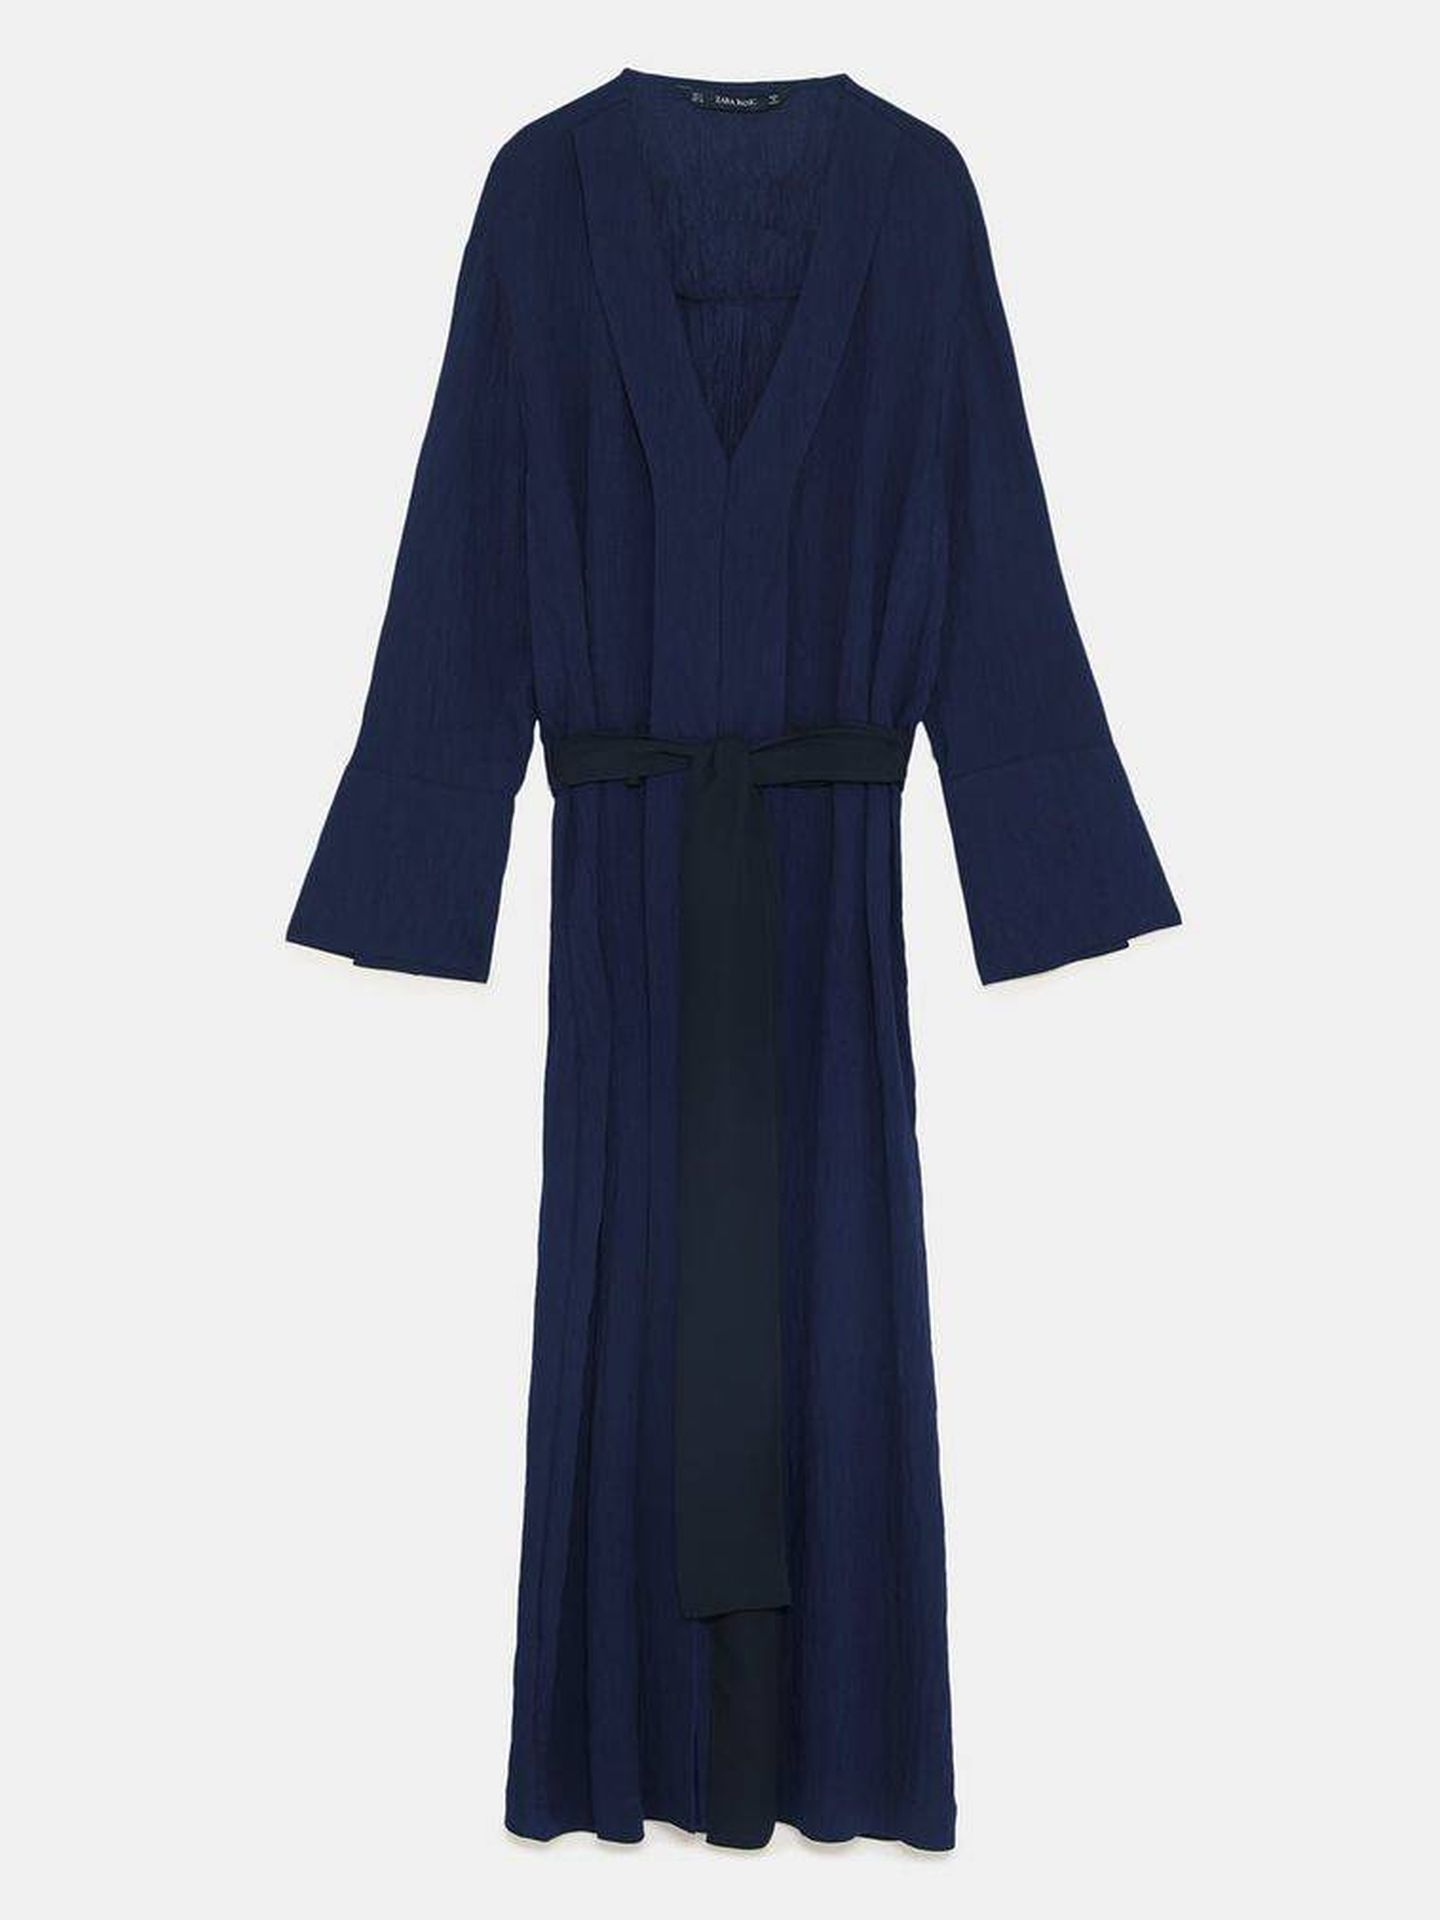 Vestido azul marino. (Cortesía de la marca)